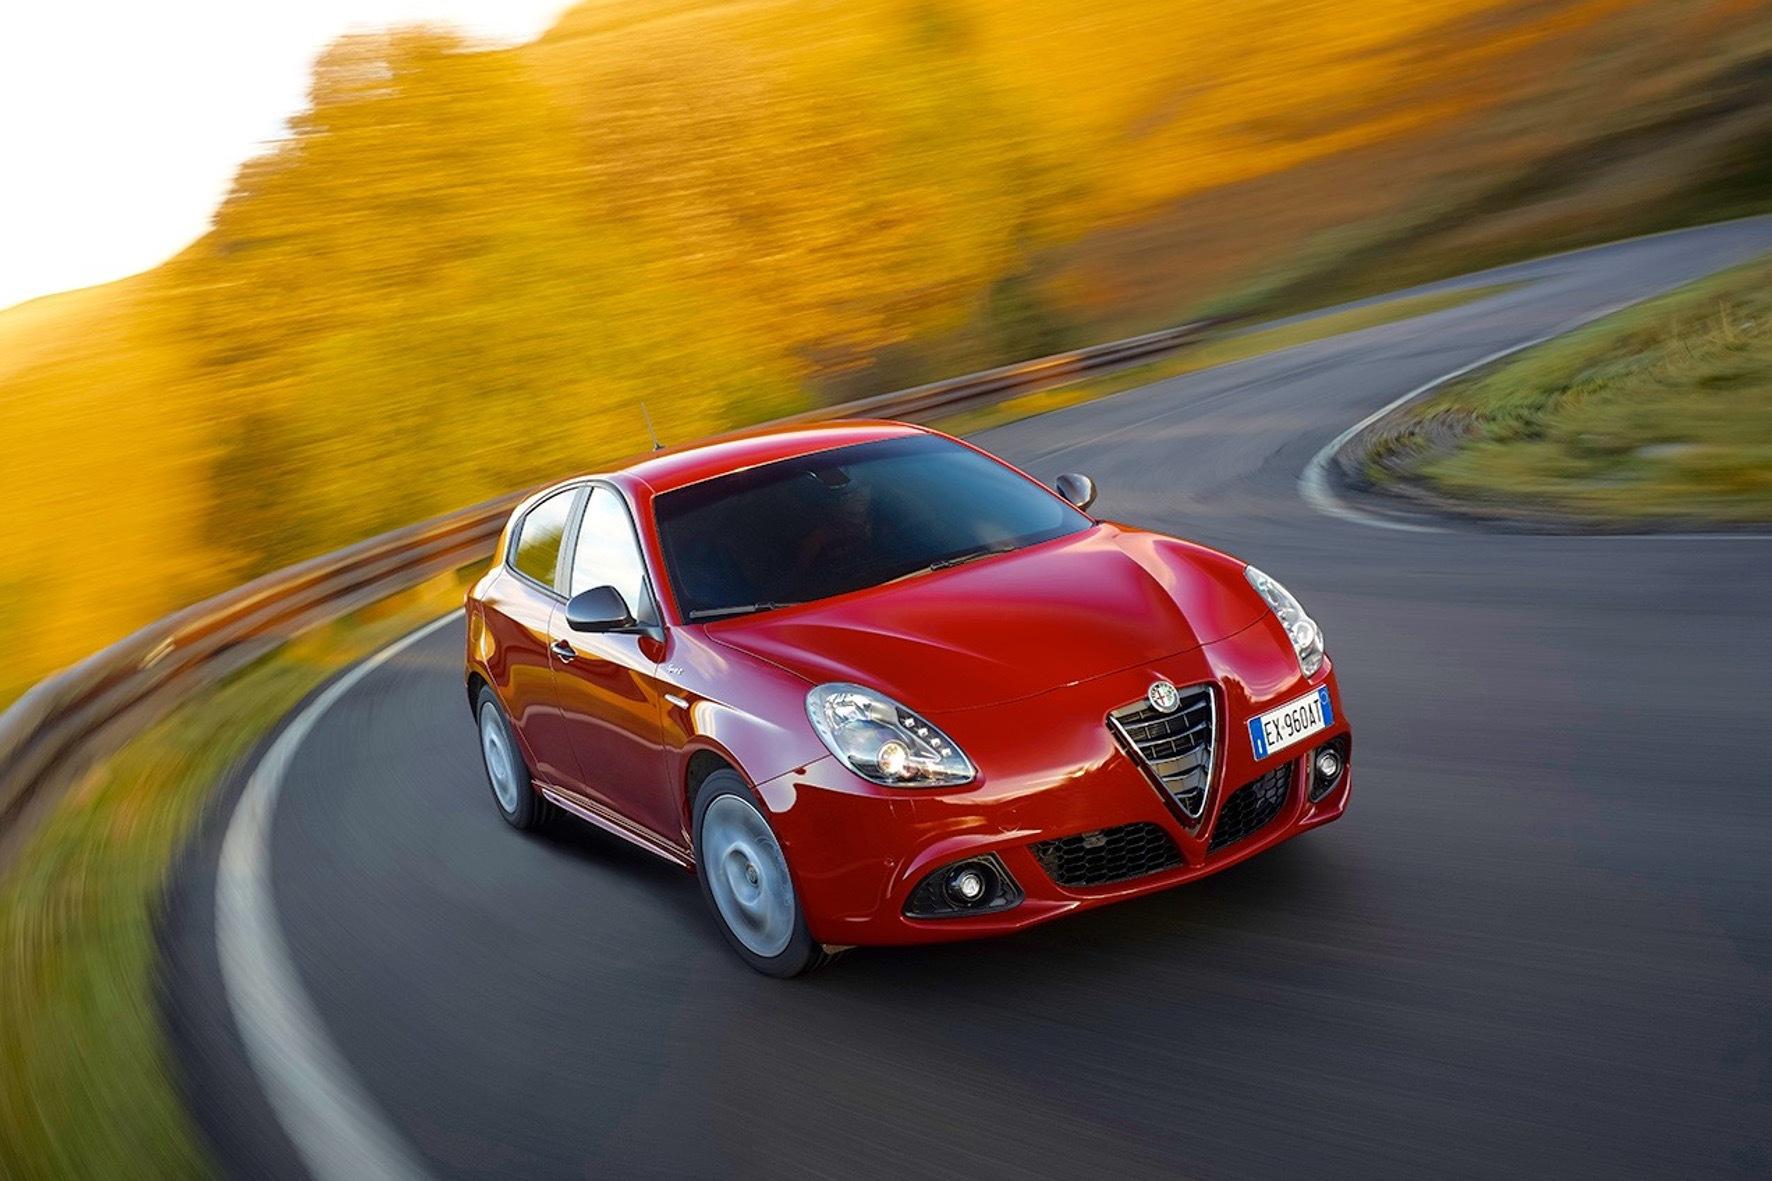 mid München - Sportlichkeit und Sparsamkeit: Bei der Alfa Romeo Giulietta mit dem 175-PS-Dieselmotor ist das kein Widerspruch.